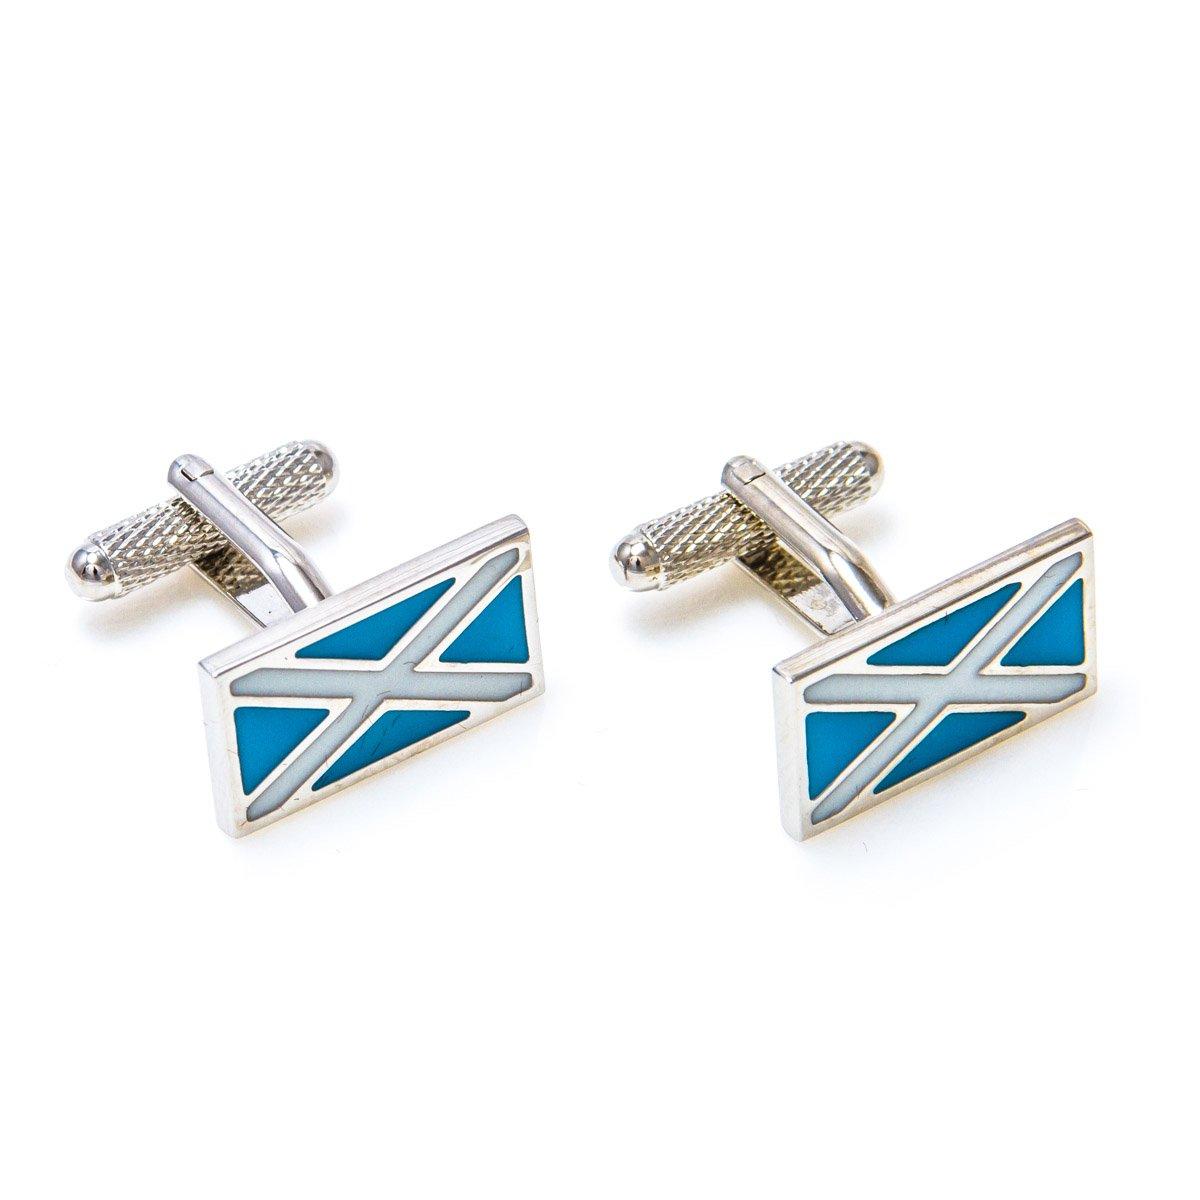 MRCUFF Scotland Flag Pair Cufflinks with a Presentation Gift Box /& Polishing Cloth